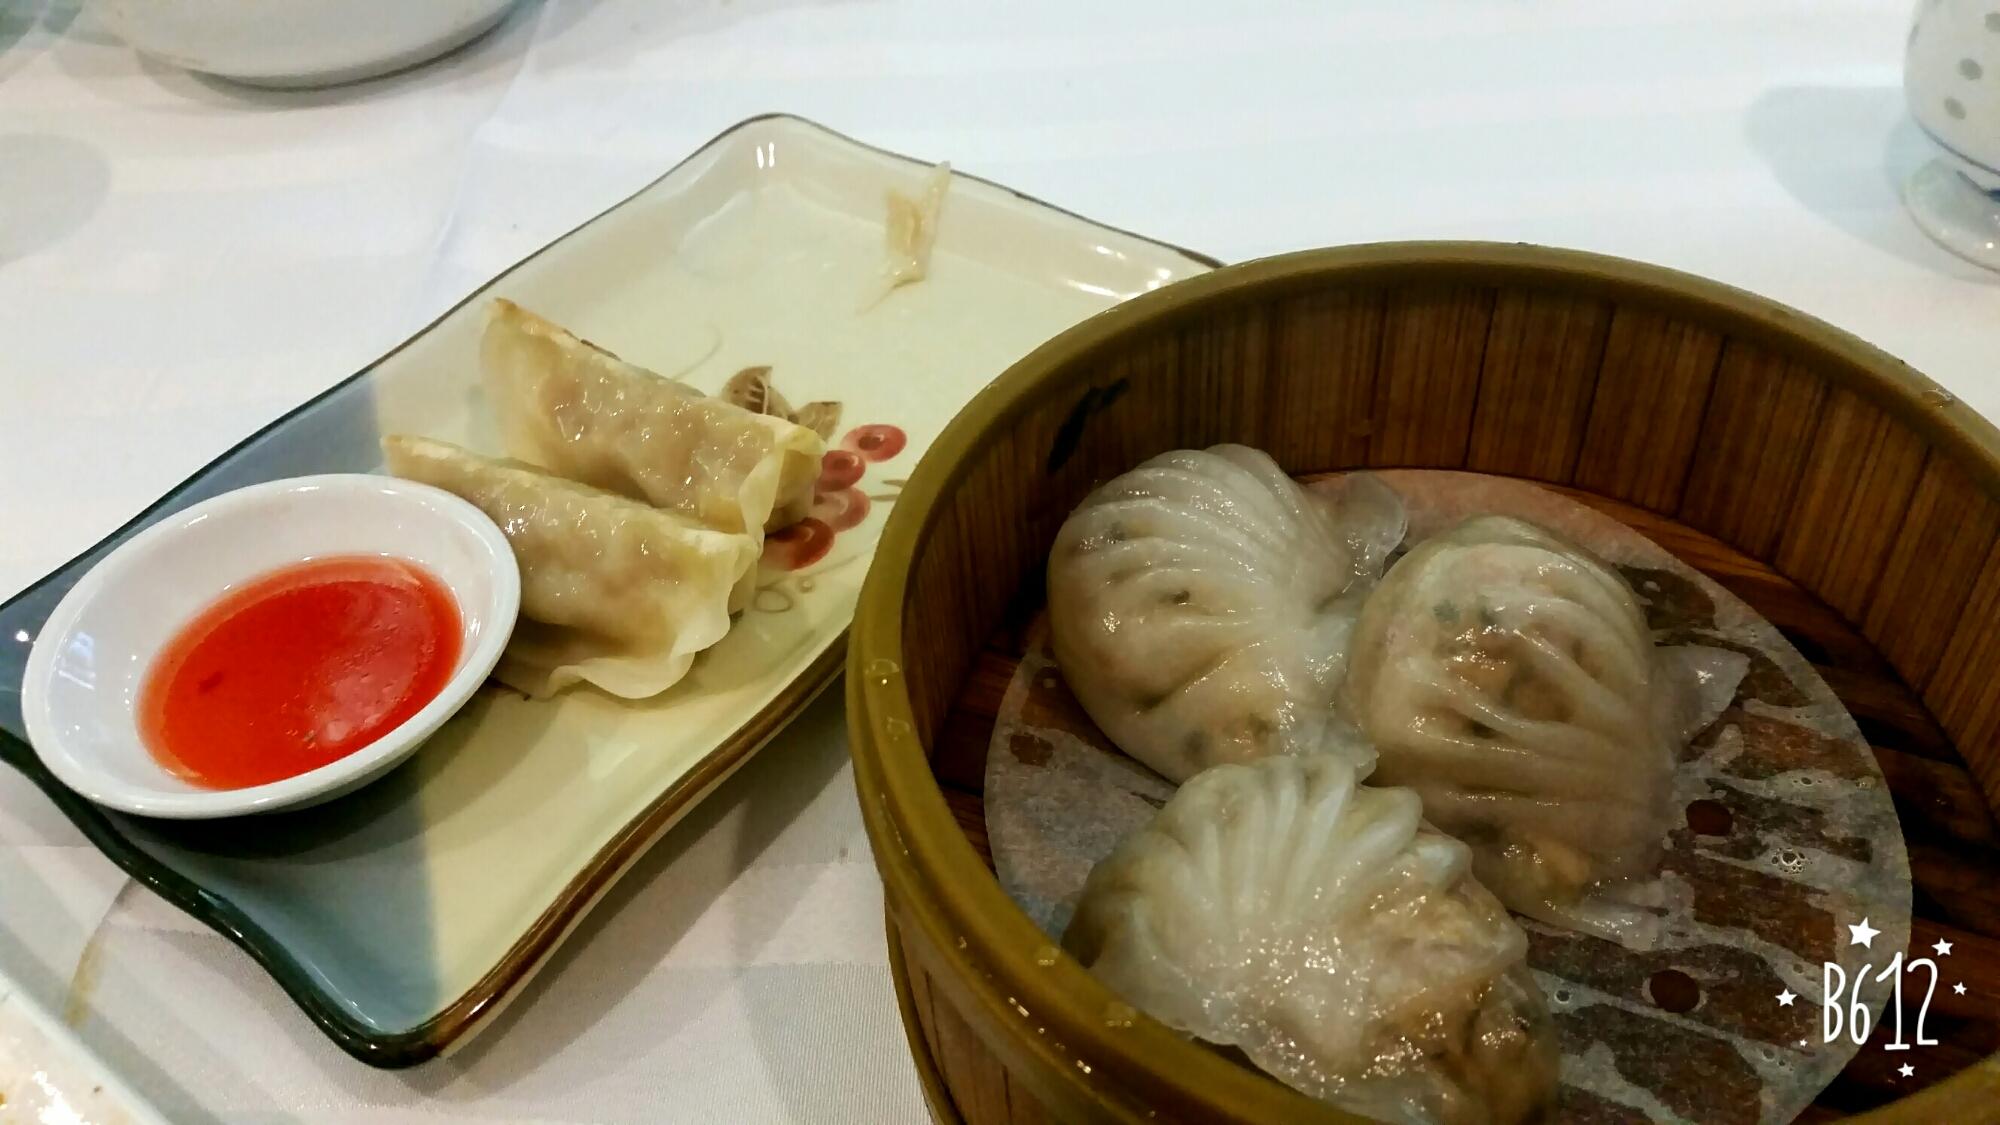 oriental garden restaurant 福臨門海鮮酒家 in chinatown, new